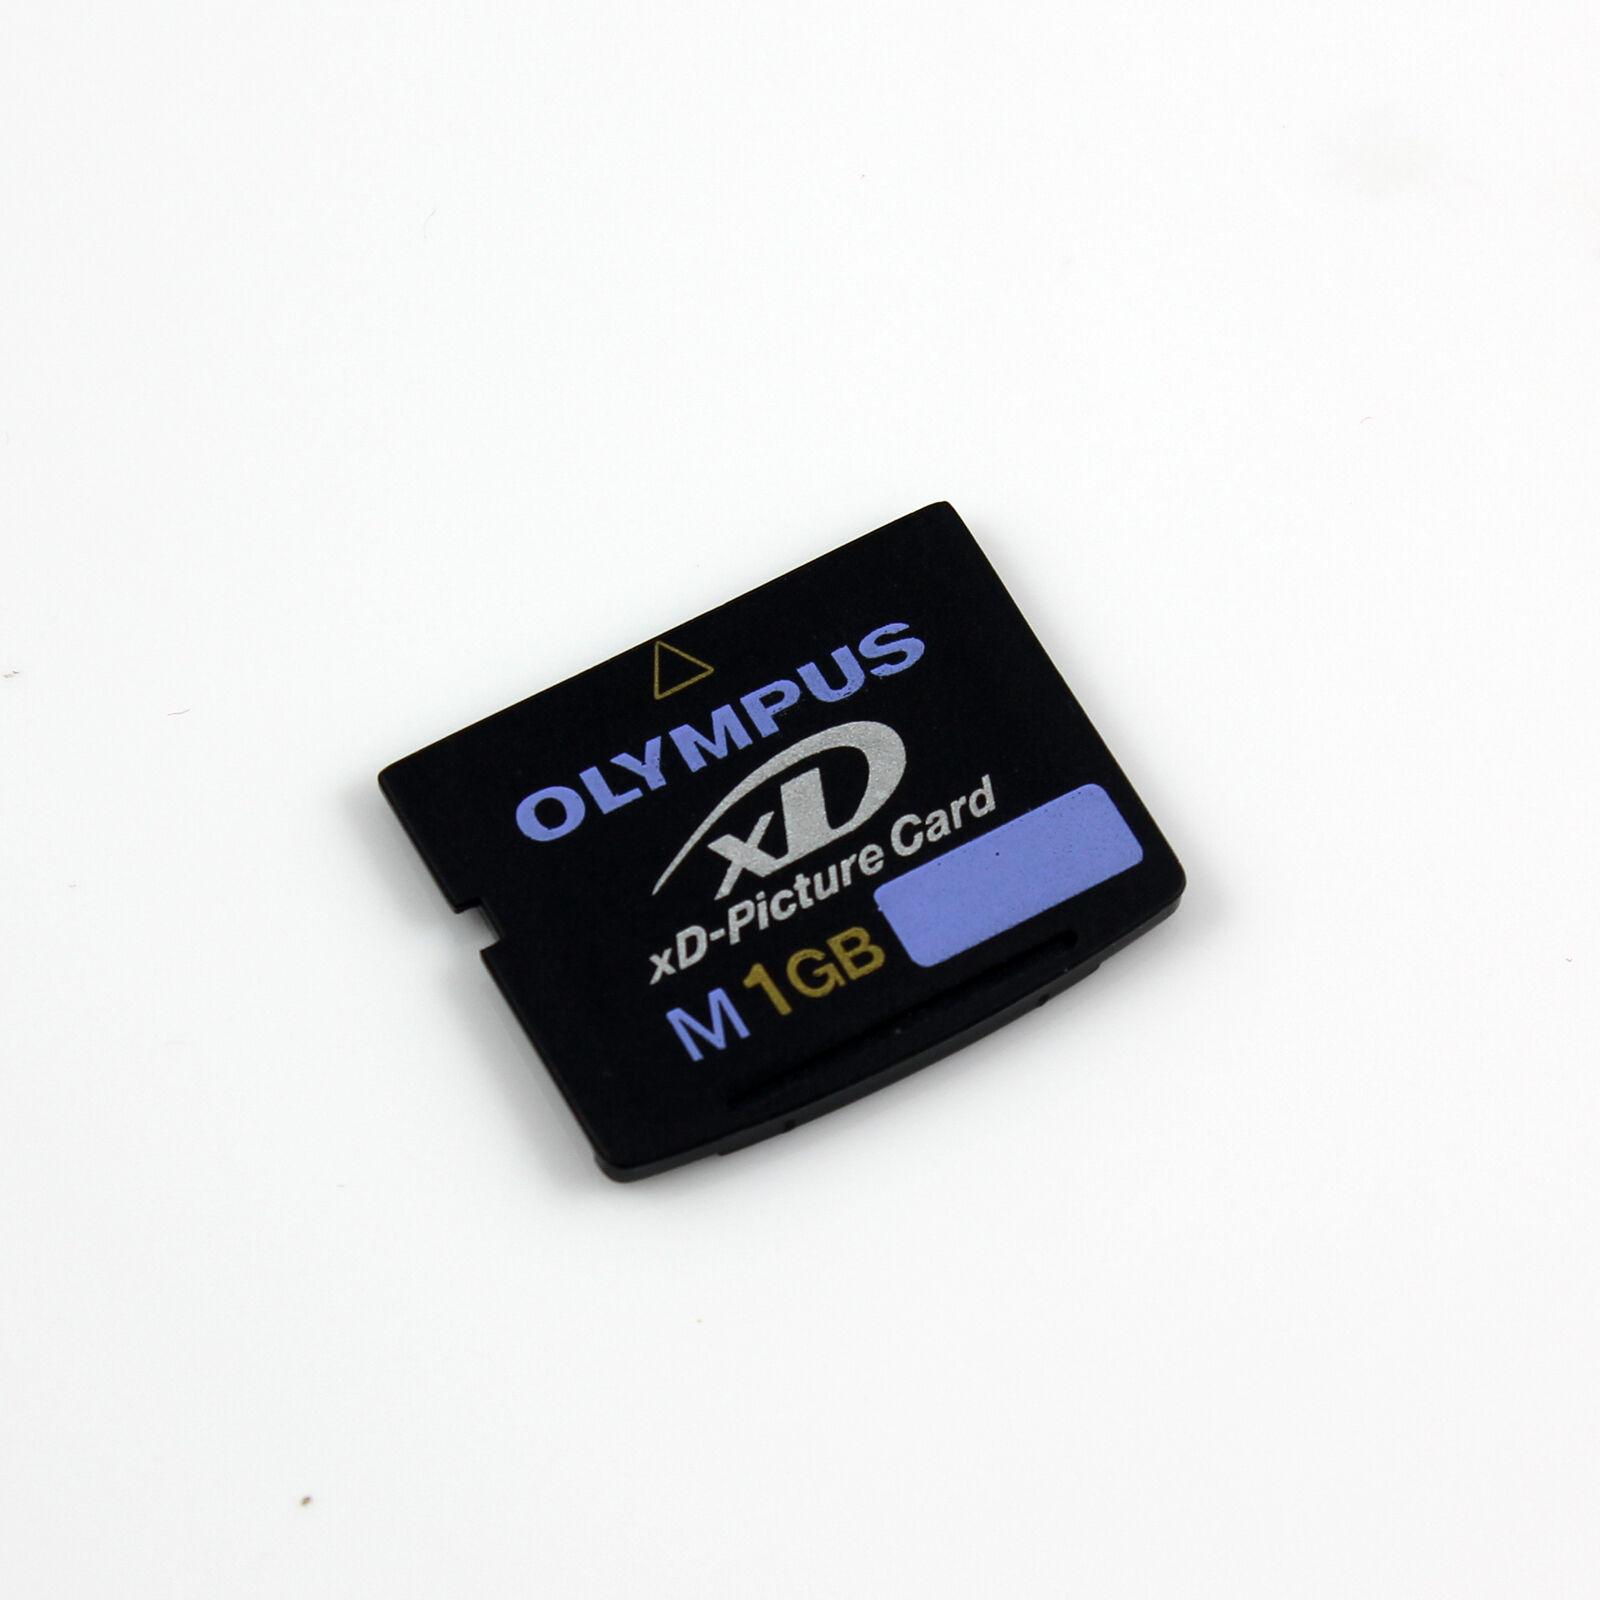 Olympus XD 2GB tipo M FUJI 2GB XD Picture Card genuino nuevo envío gratis